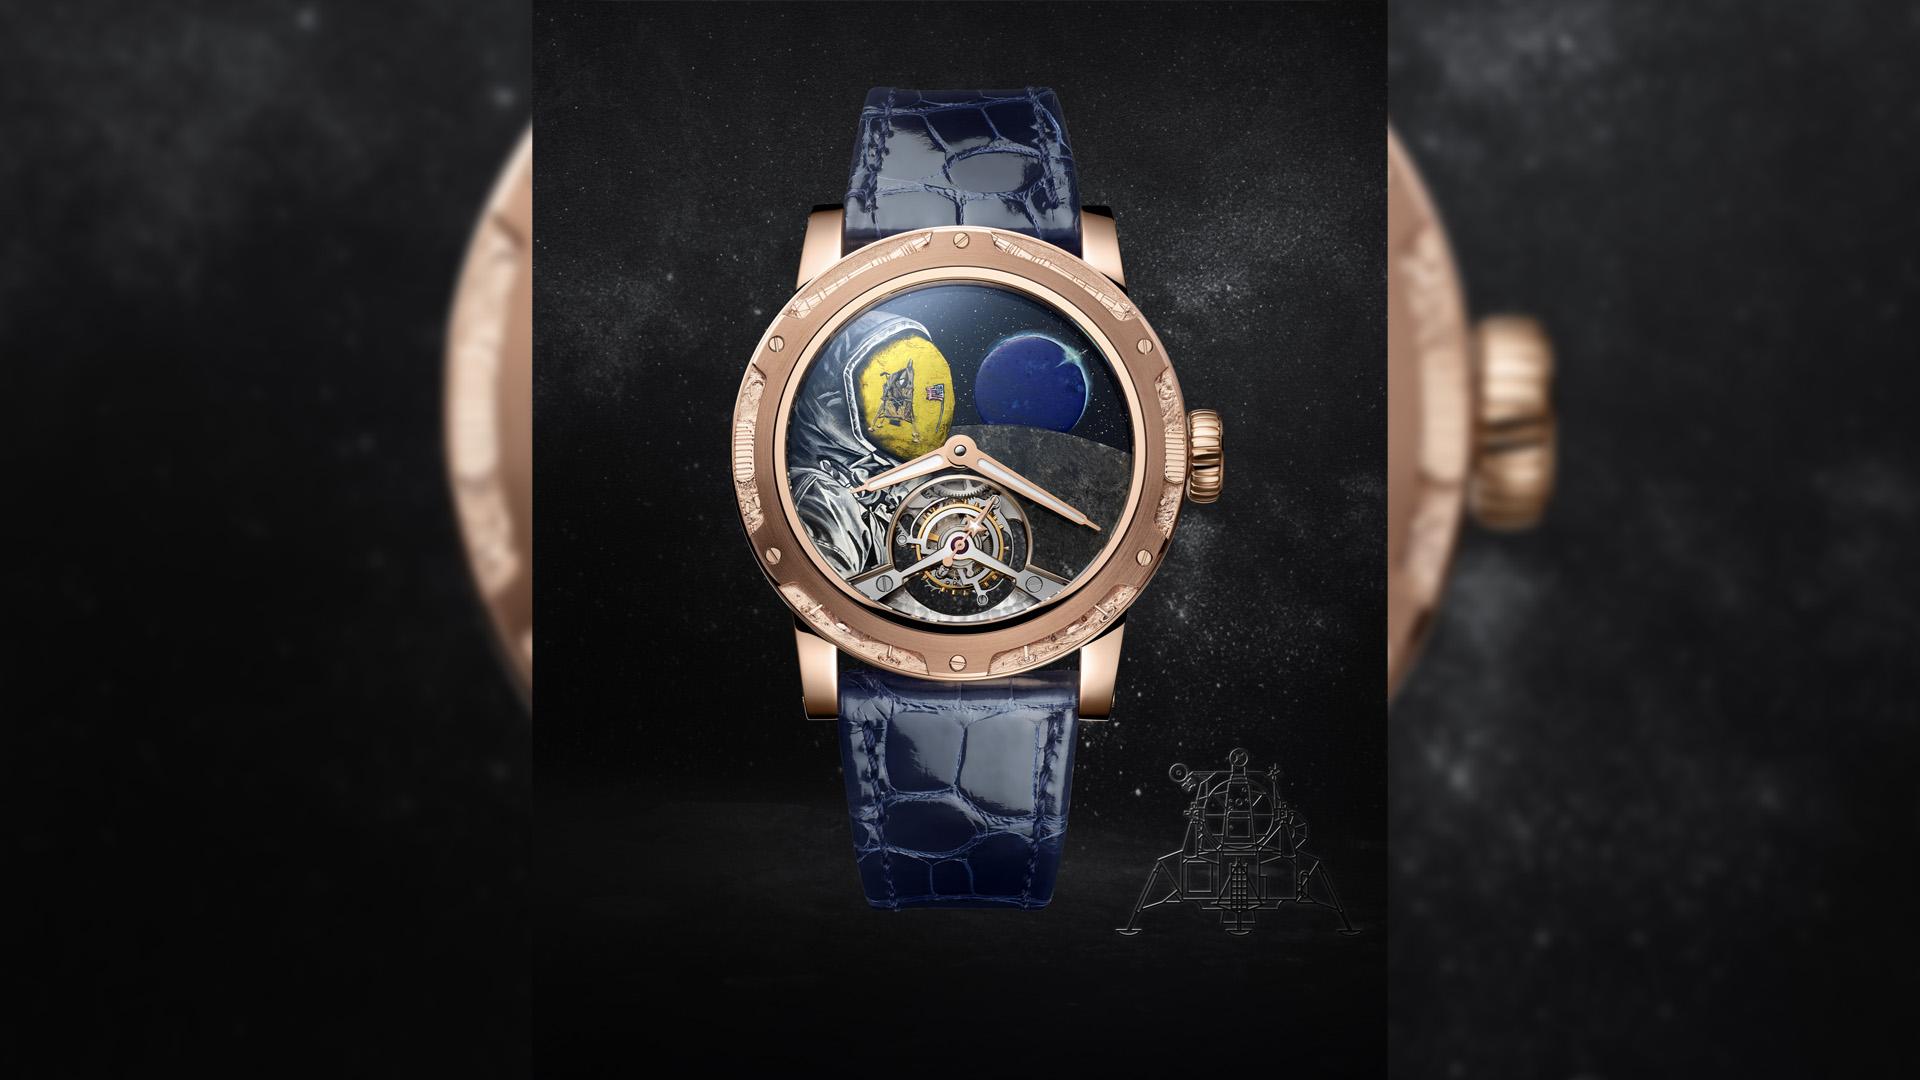 لويس موانيه ورحلة الفضاء المثيرة Moon Race وبانوراما سطح القمر